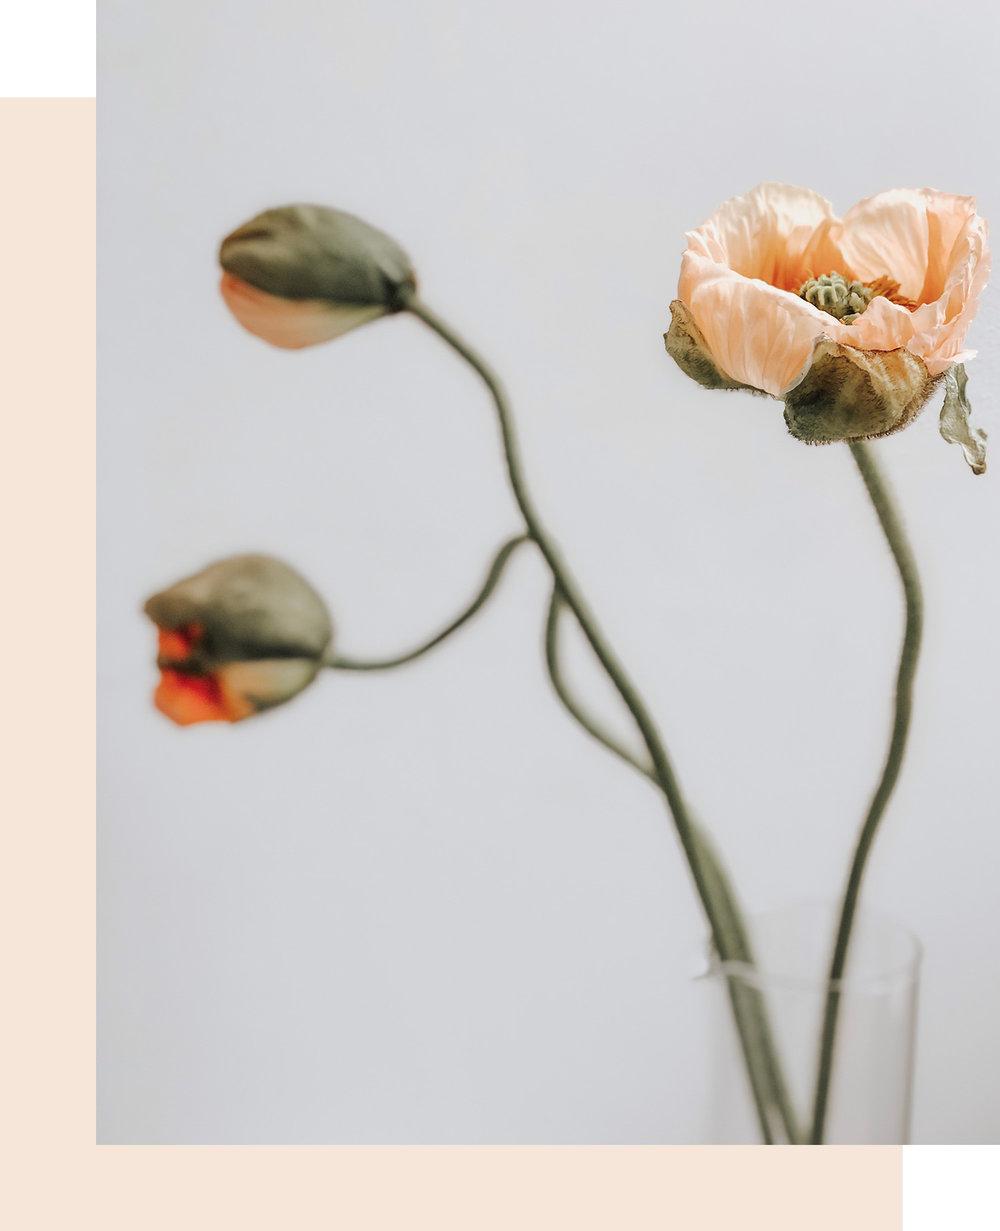 imagehighlighttall blomma.jpg